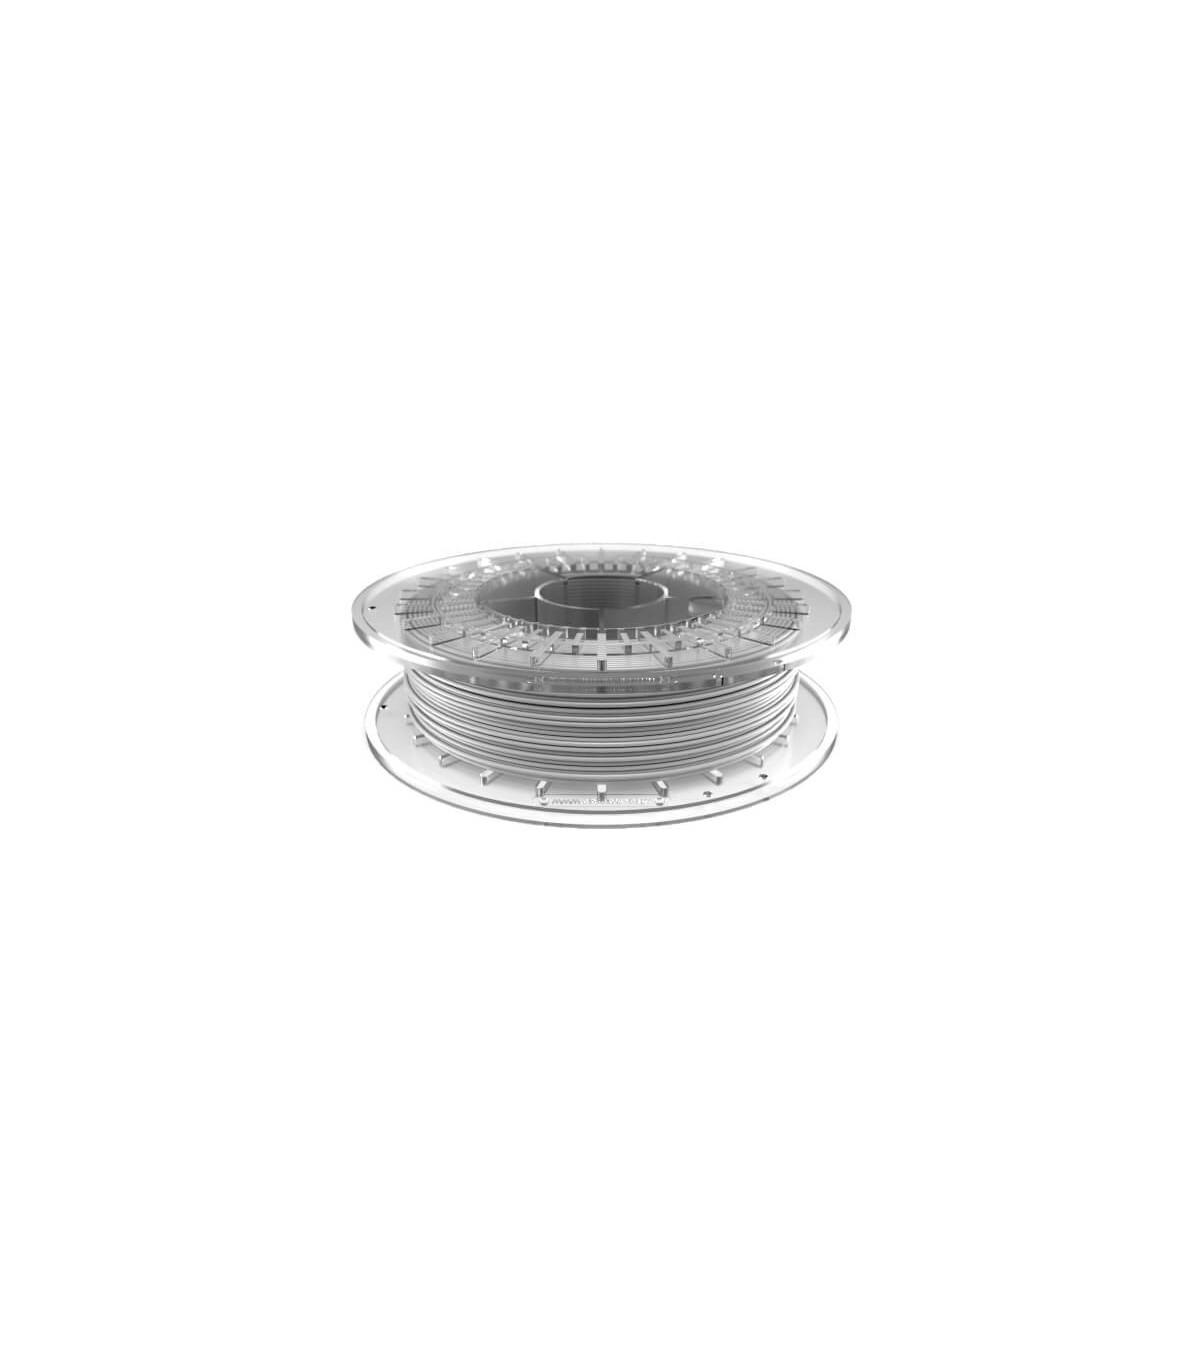 FilaFlex Grey 82A TPE Filament 2.85 mm 500g